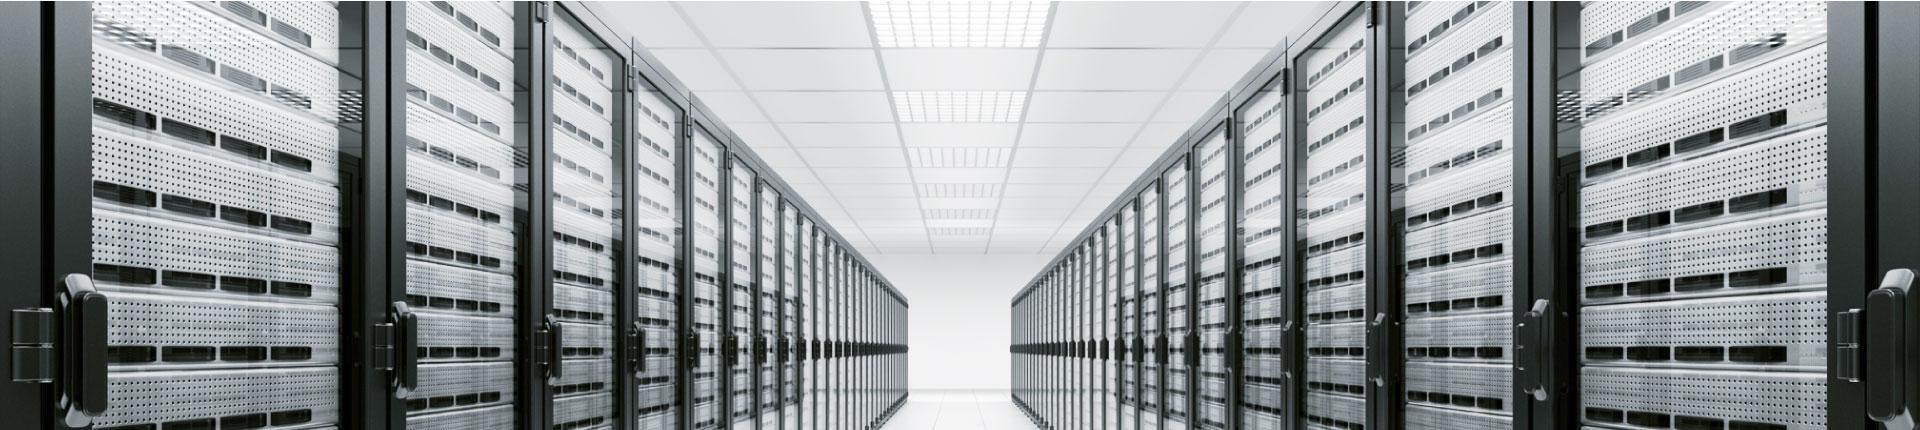 As melhores marcas em equipamentos: SUPERMICRO, Dell, Hp, IBM, Lenovo e Tandberg